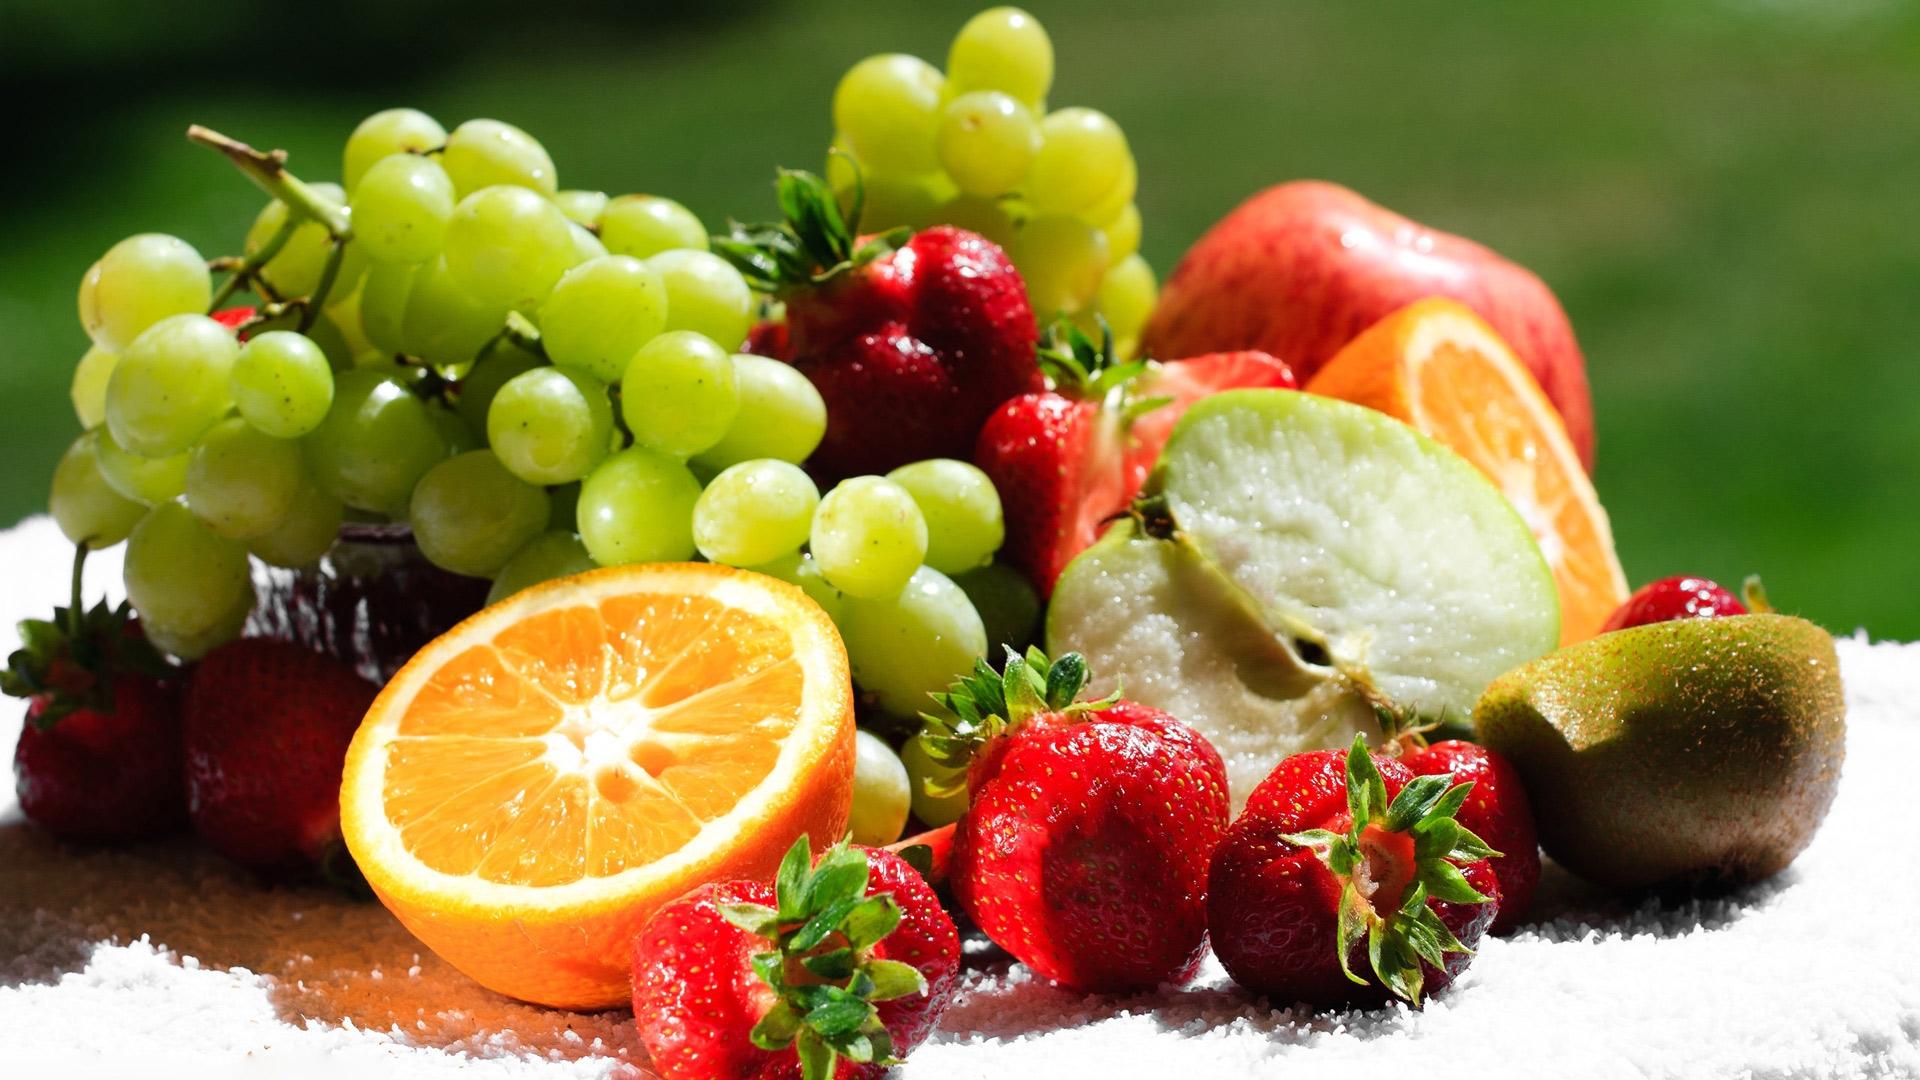 Обои для рабочего стола фрукты003